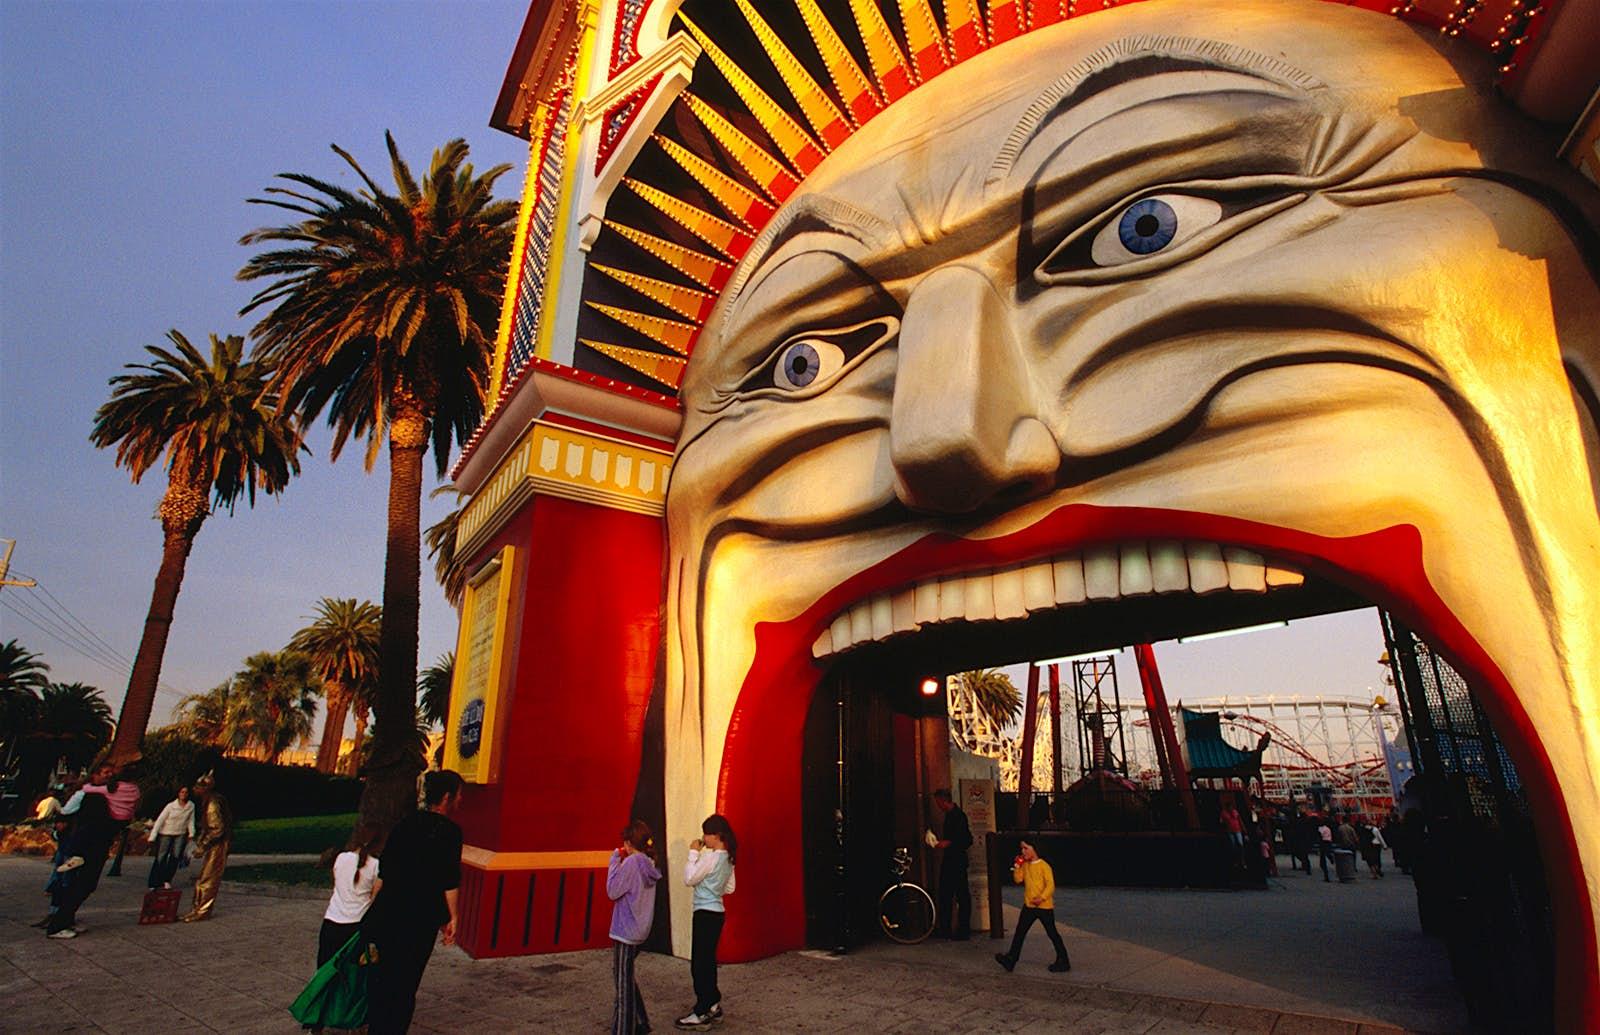 Les gens entrent à l'entrée de Luna Park, qui ressemble à un grand visage qui ouvre la bouche. St Kilda, Melbourne.